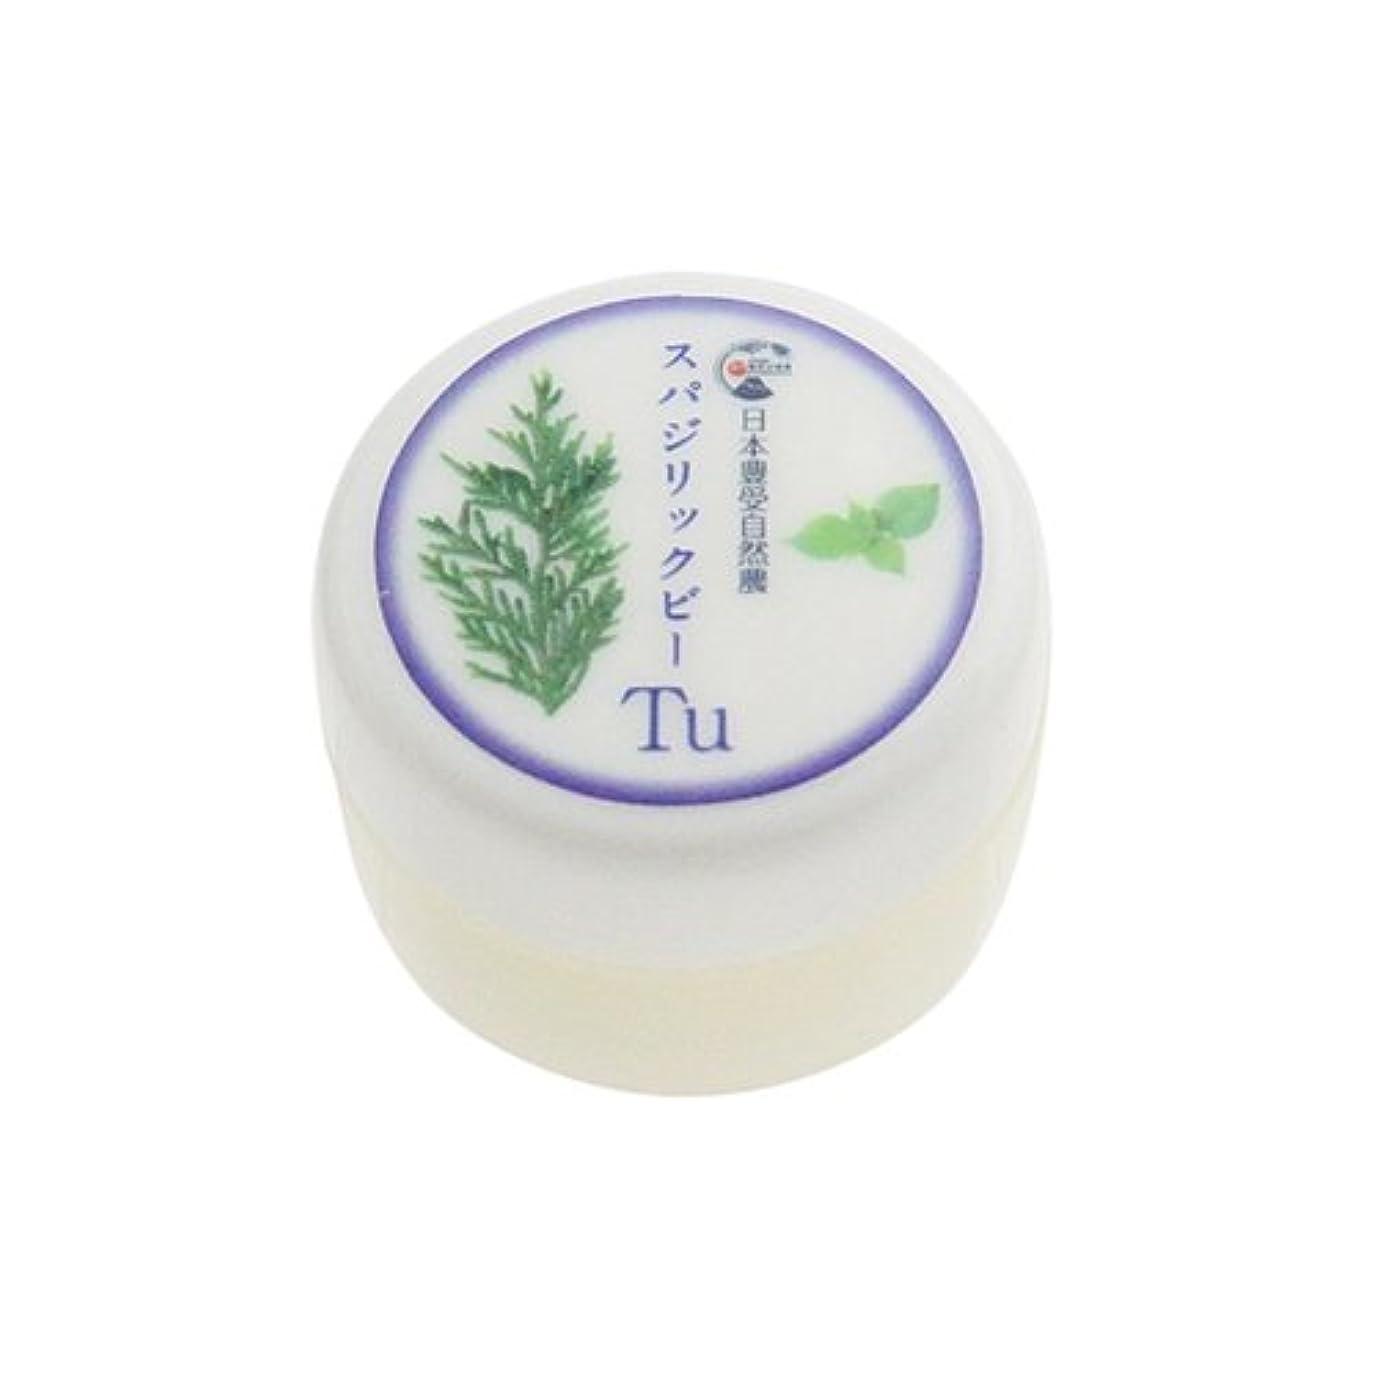 改修する結晶遠征日本豊受自然農 スパジリック ビーTu(小) 10g